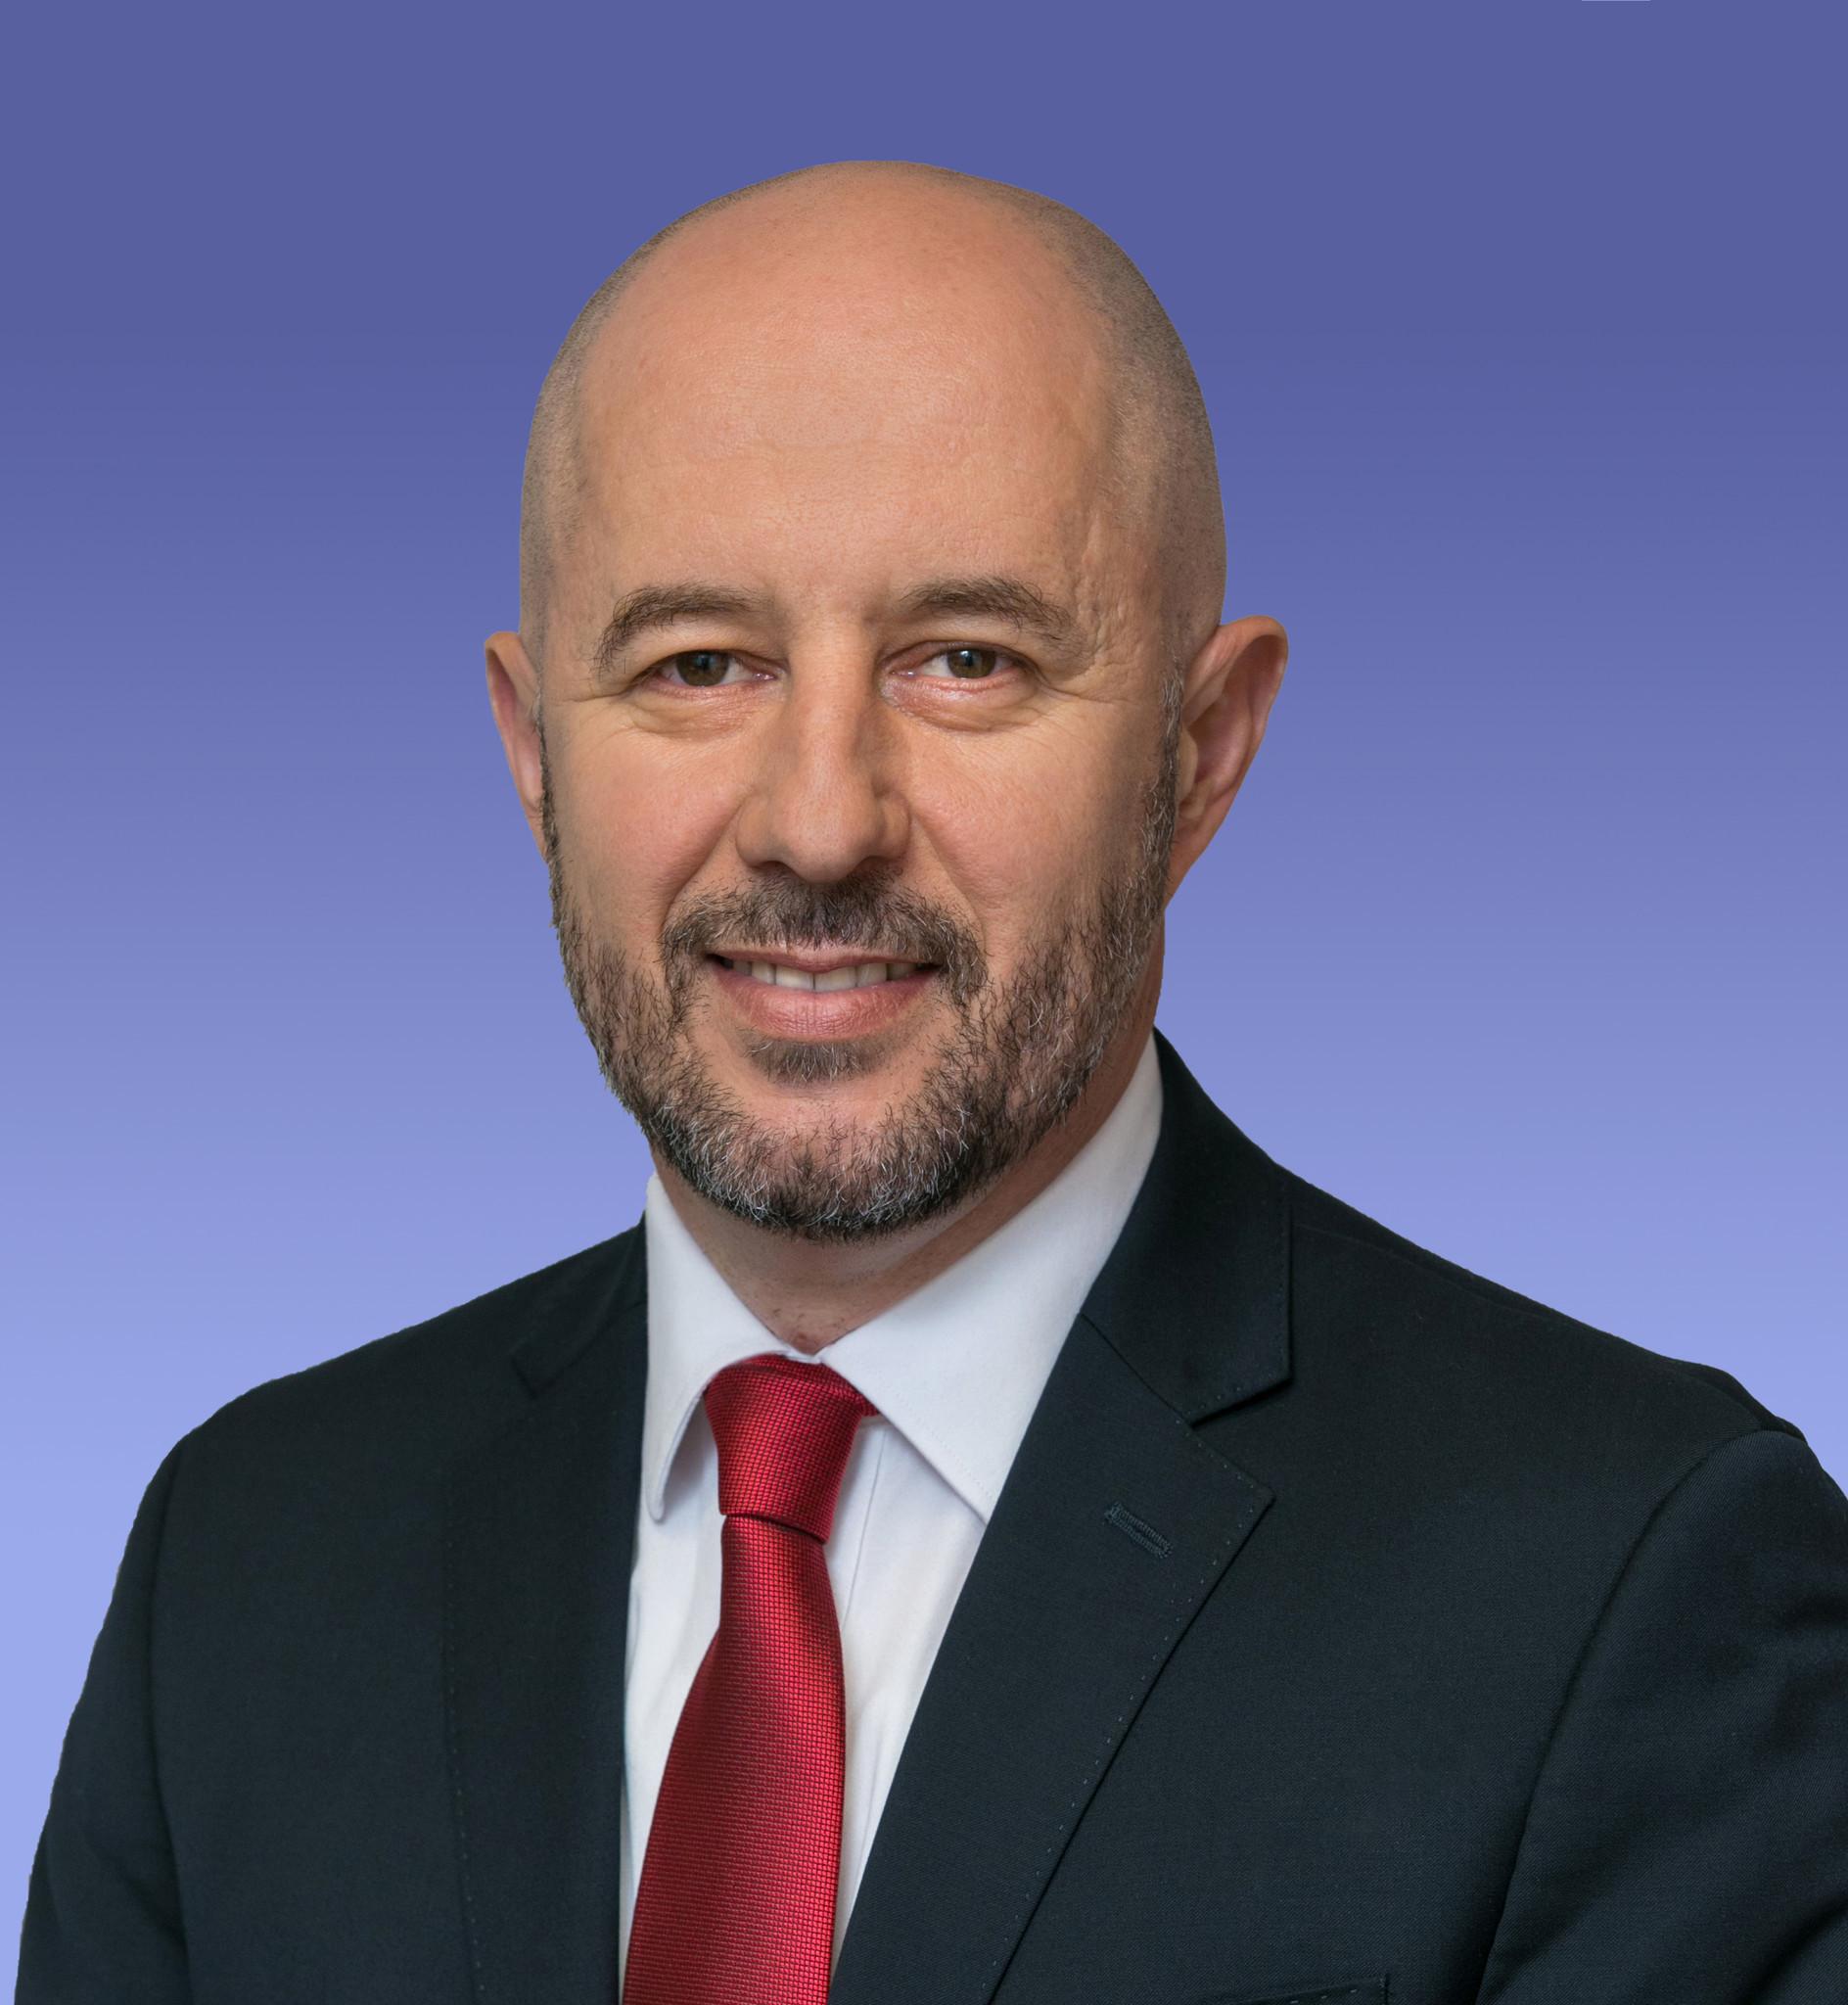 Almir Maksumic